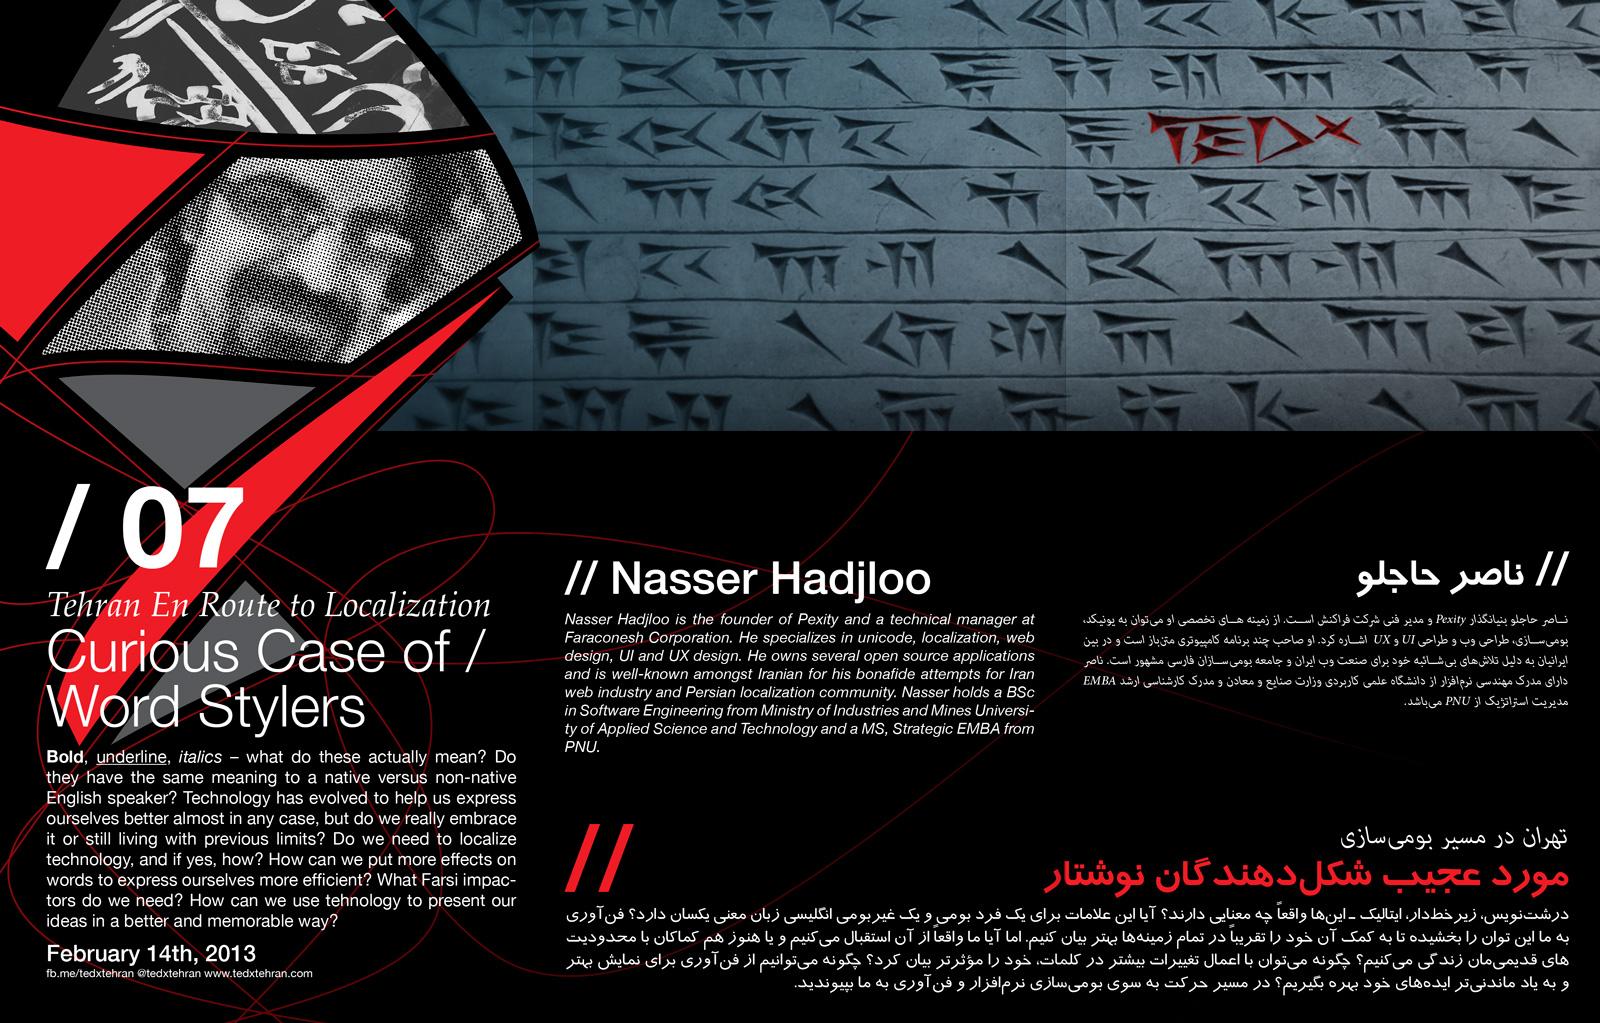 Nasser Hadjloo